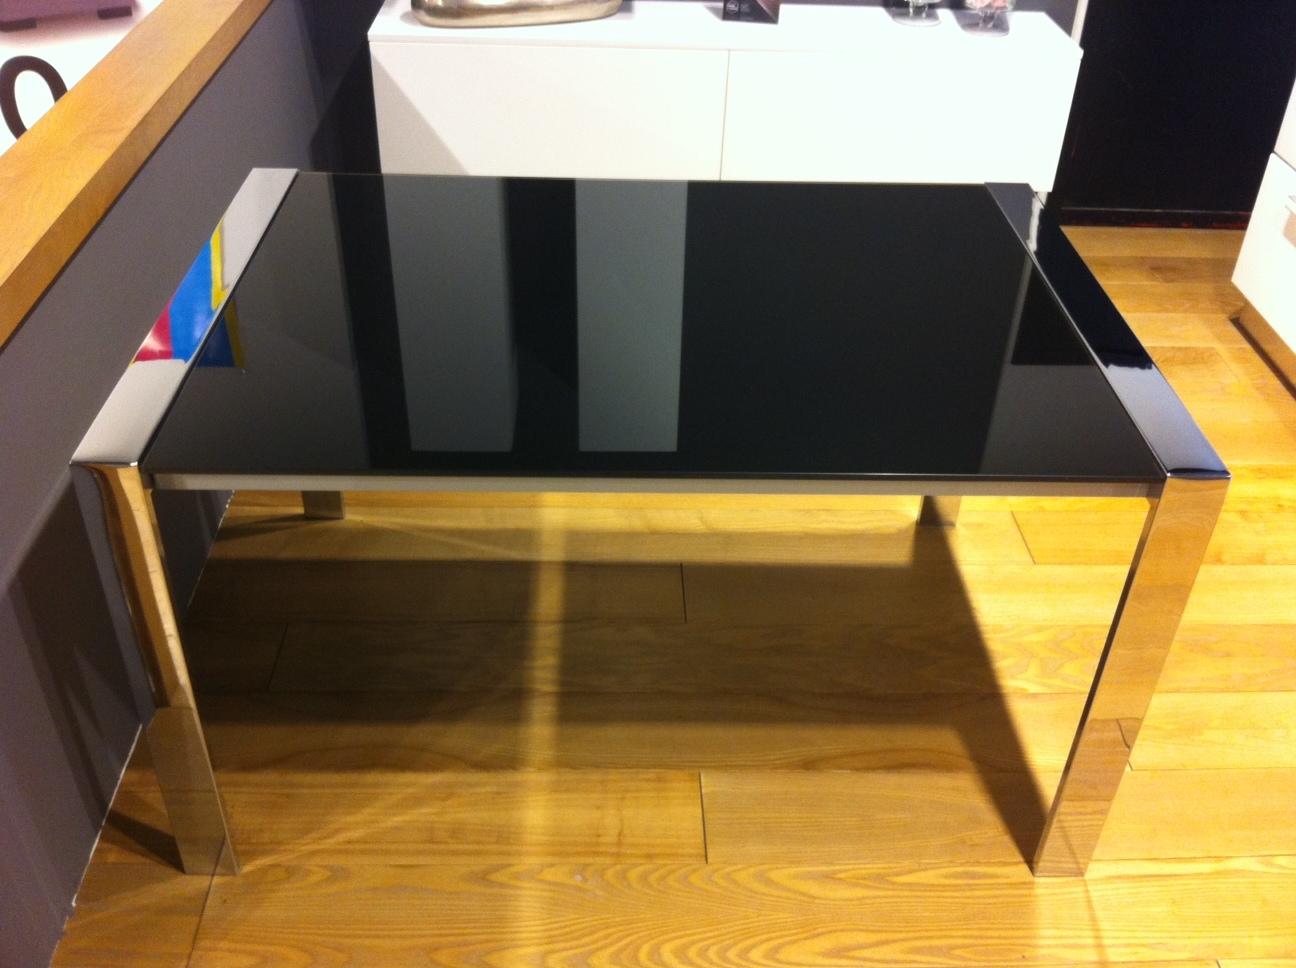 Offerta tavolo in vetro nero tavoli a prezzi scontati - Tavolo in vetro nero ...